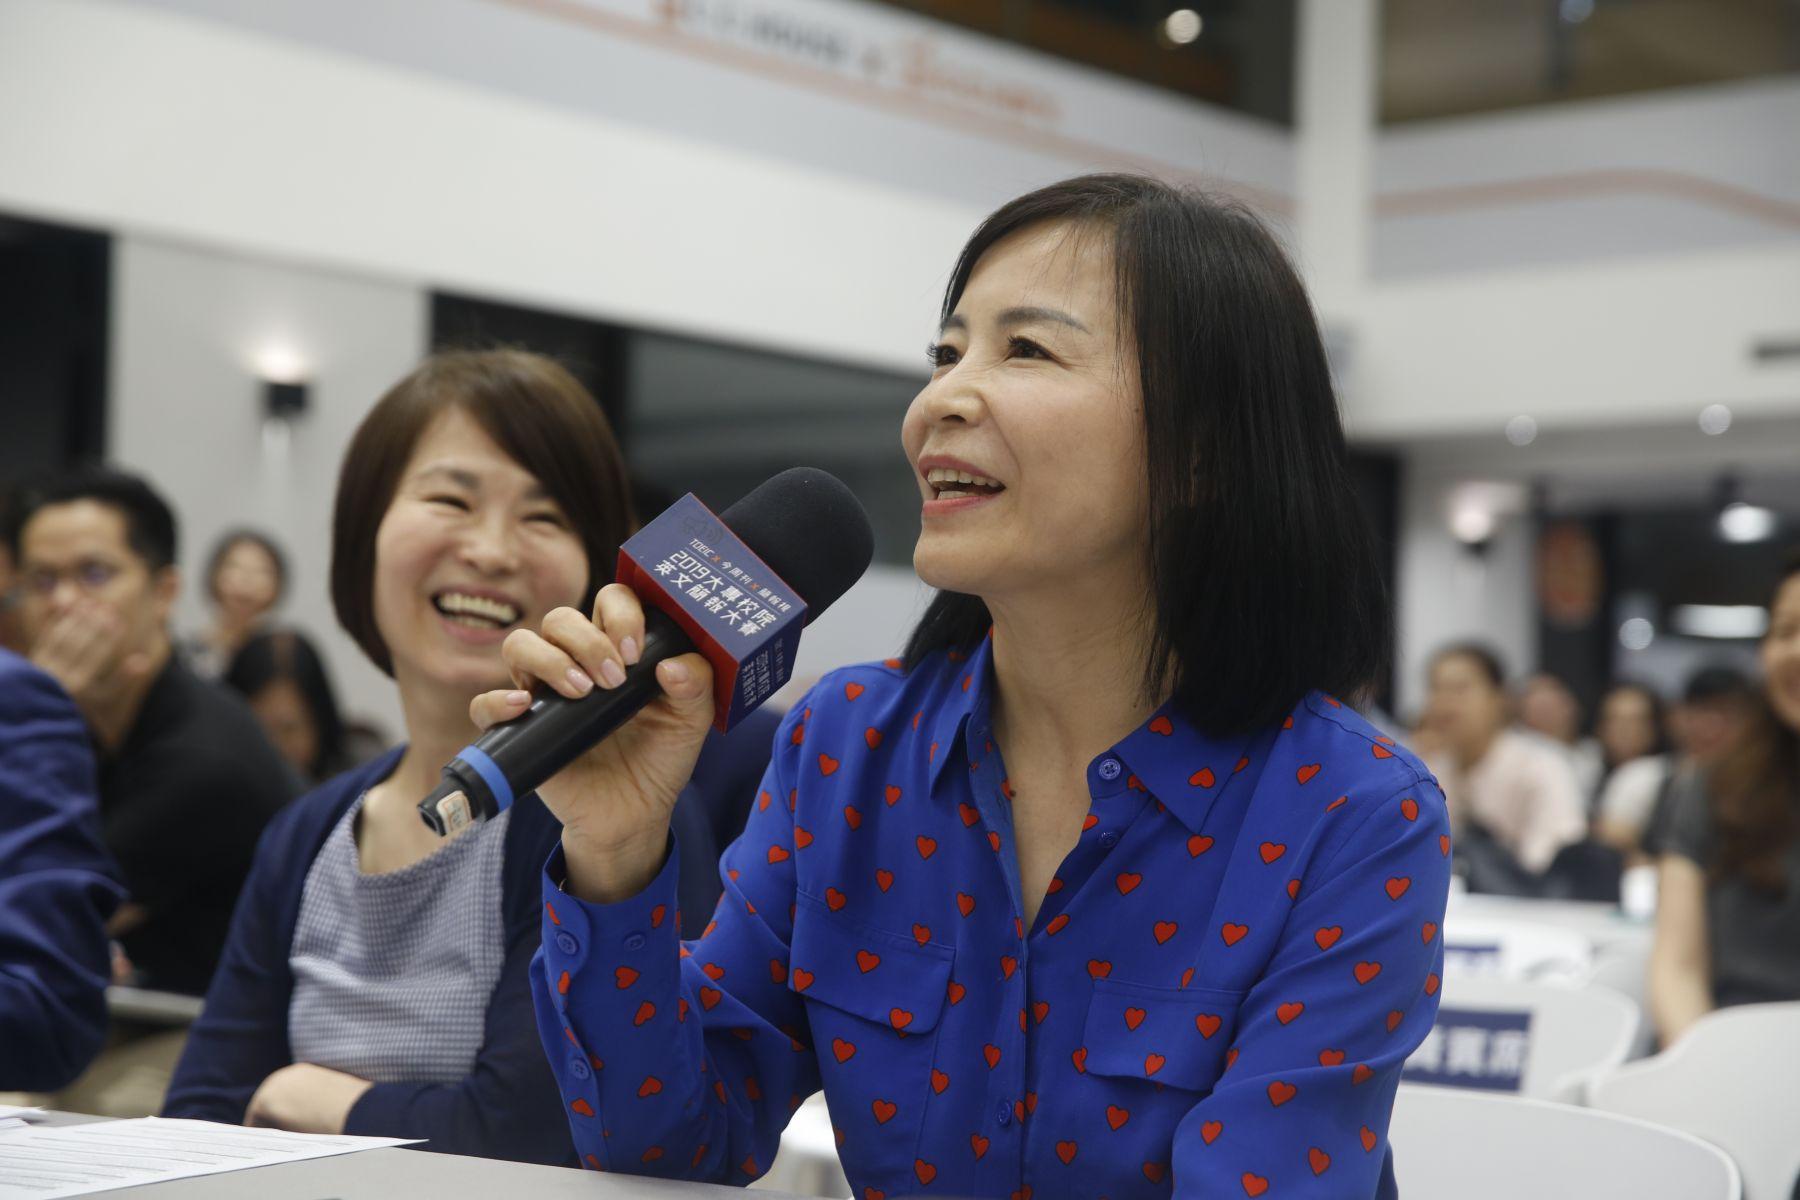 麥當勞中國首席營運官林慧蓉